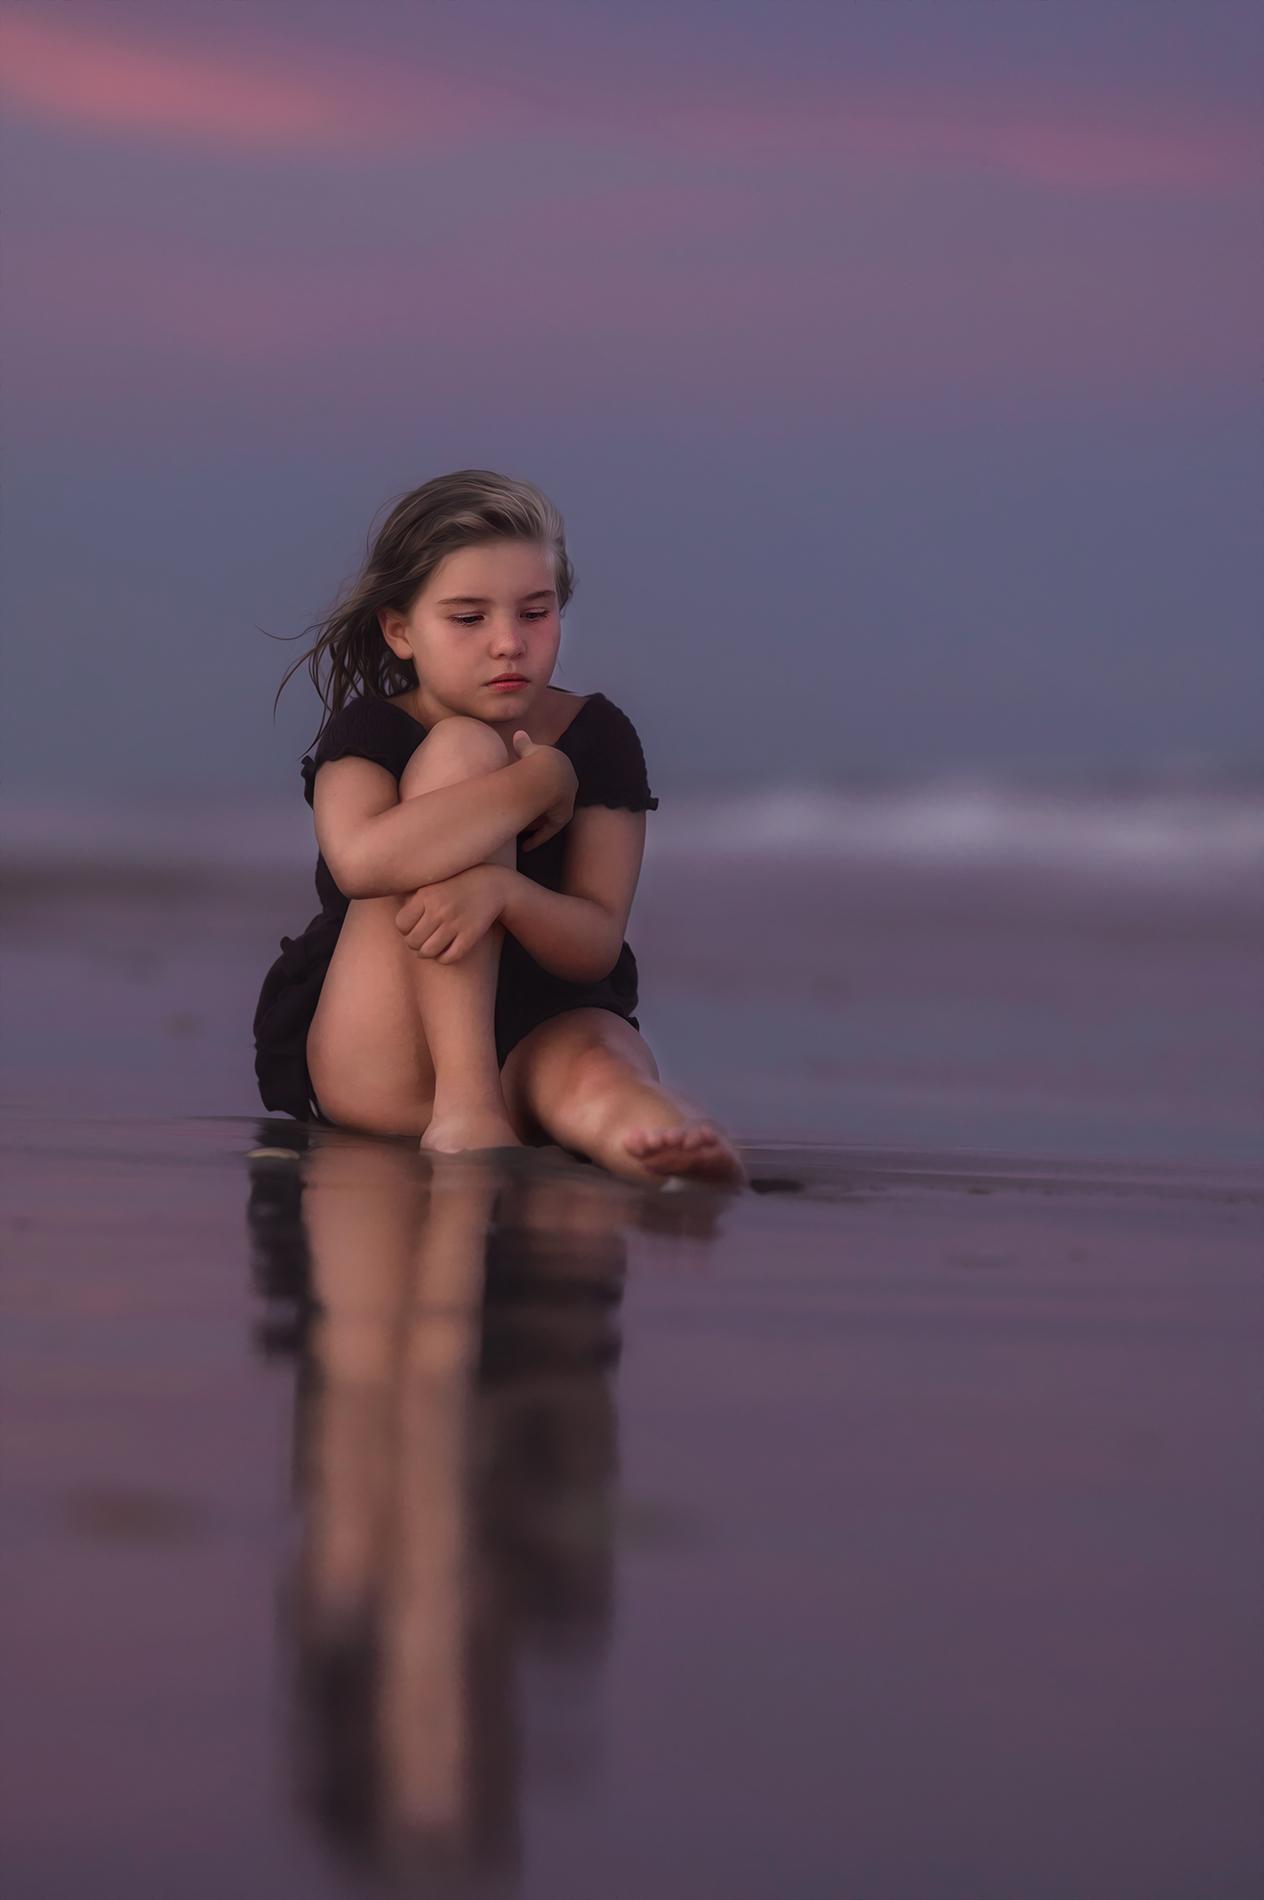 child on beach portrait